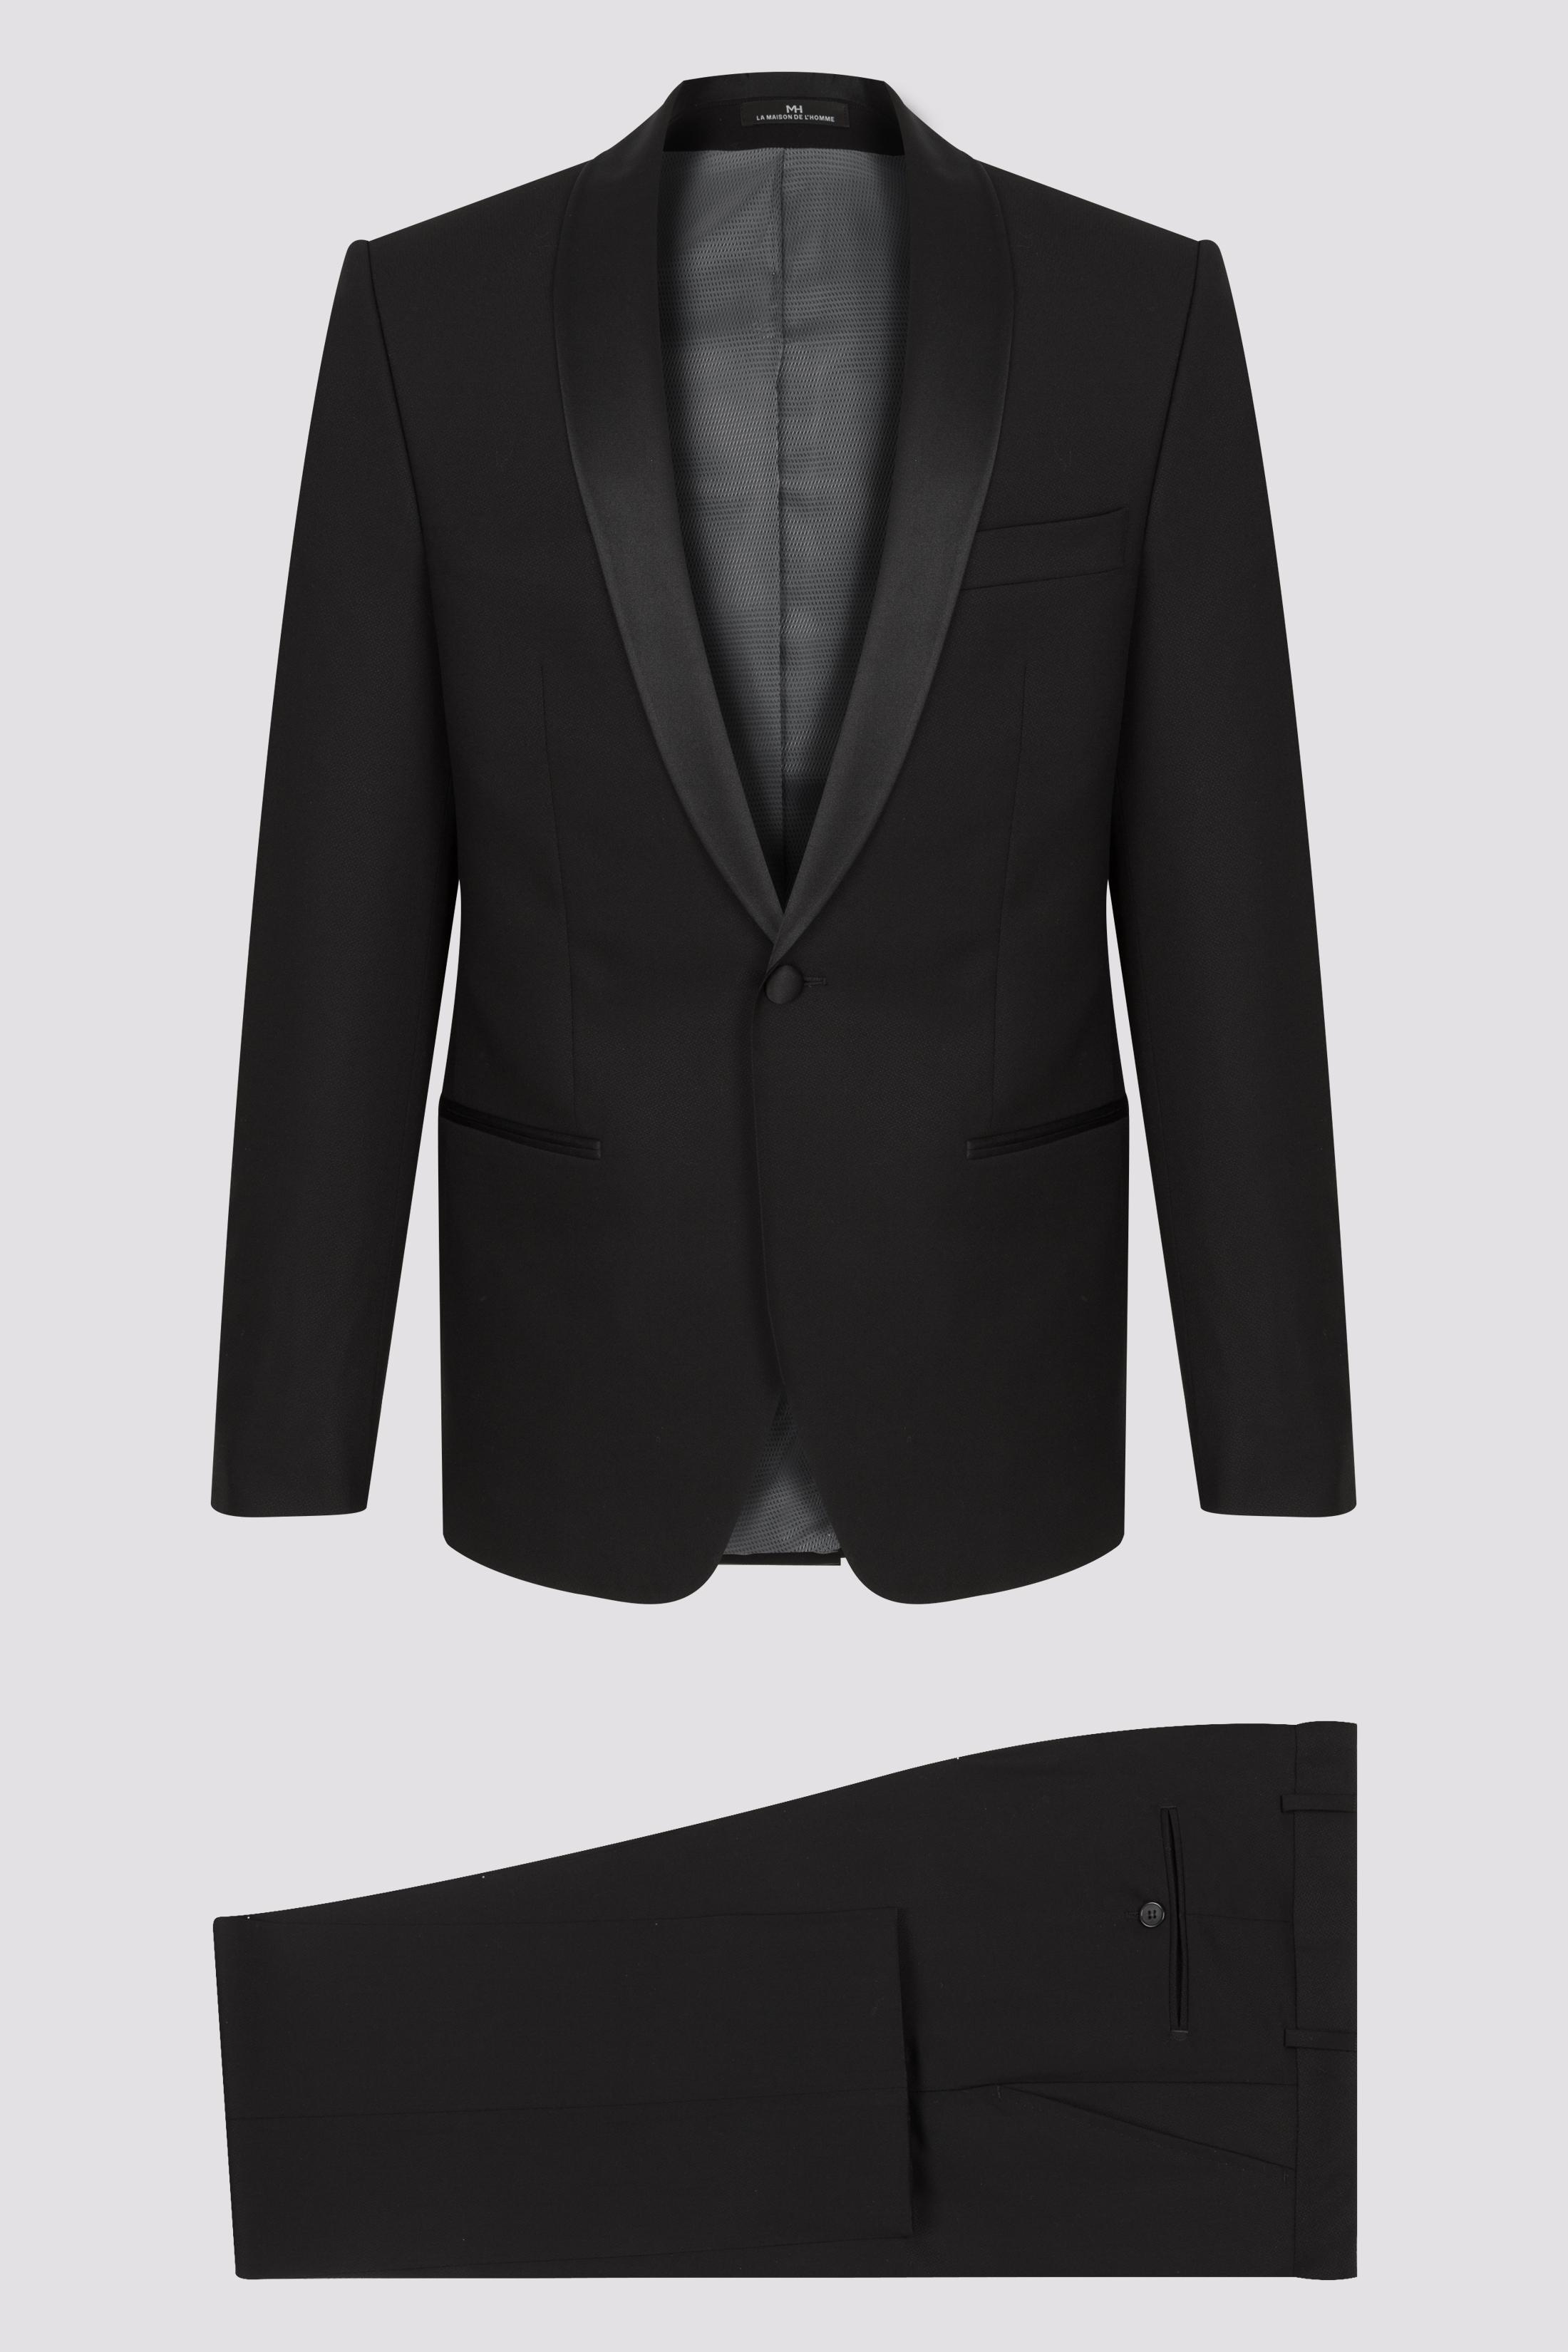 4635aae3c26ef Smoking col châle noir pure laine super 130 - LA MAISON DE L'HOMME ...